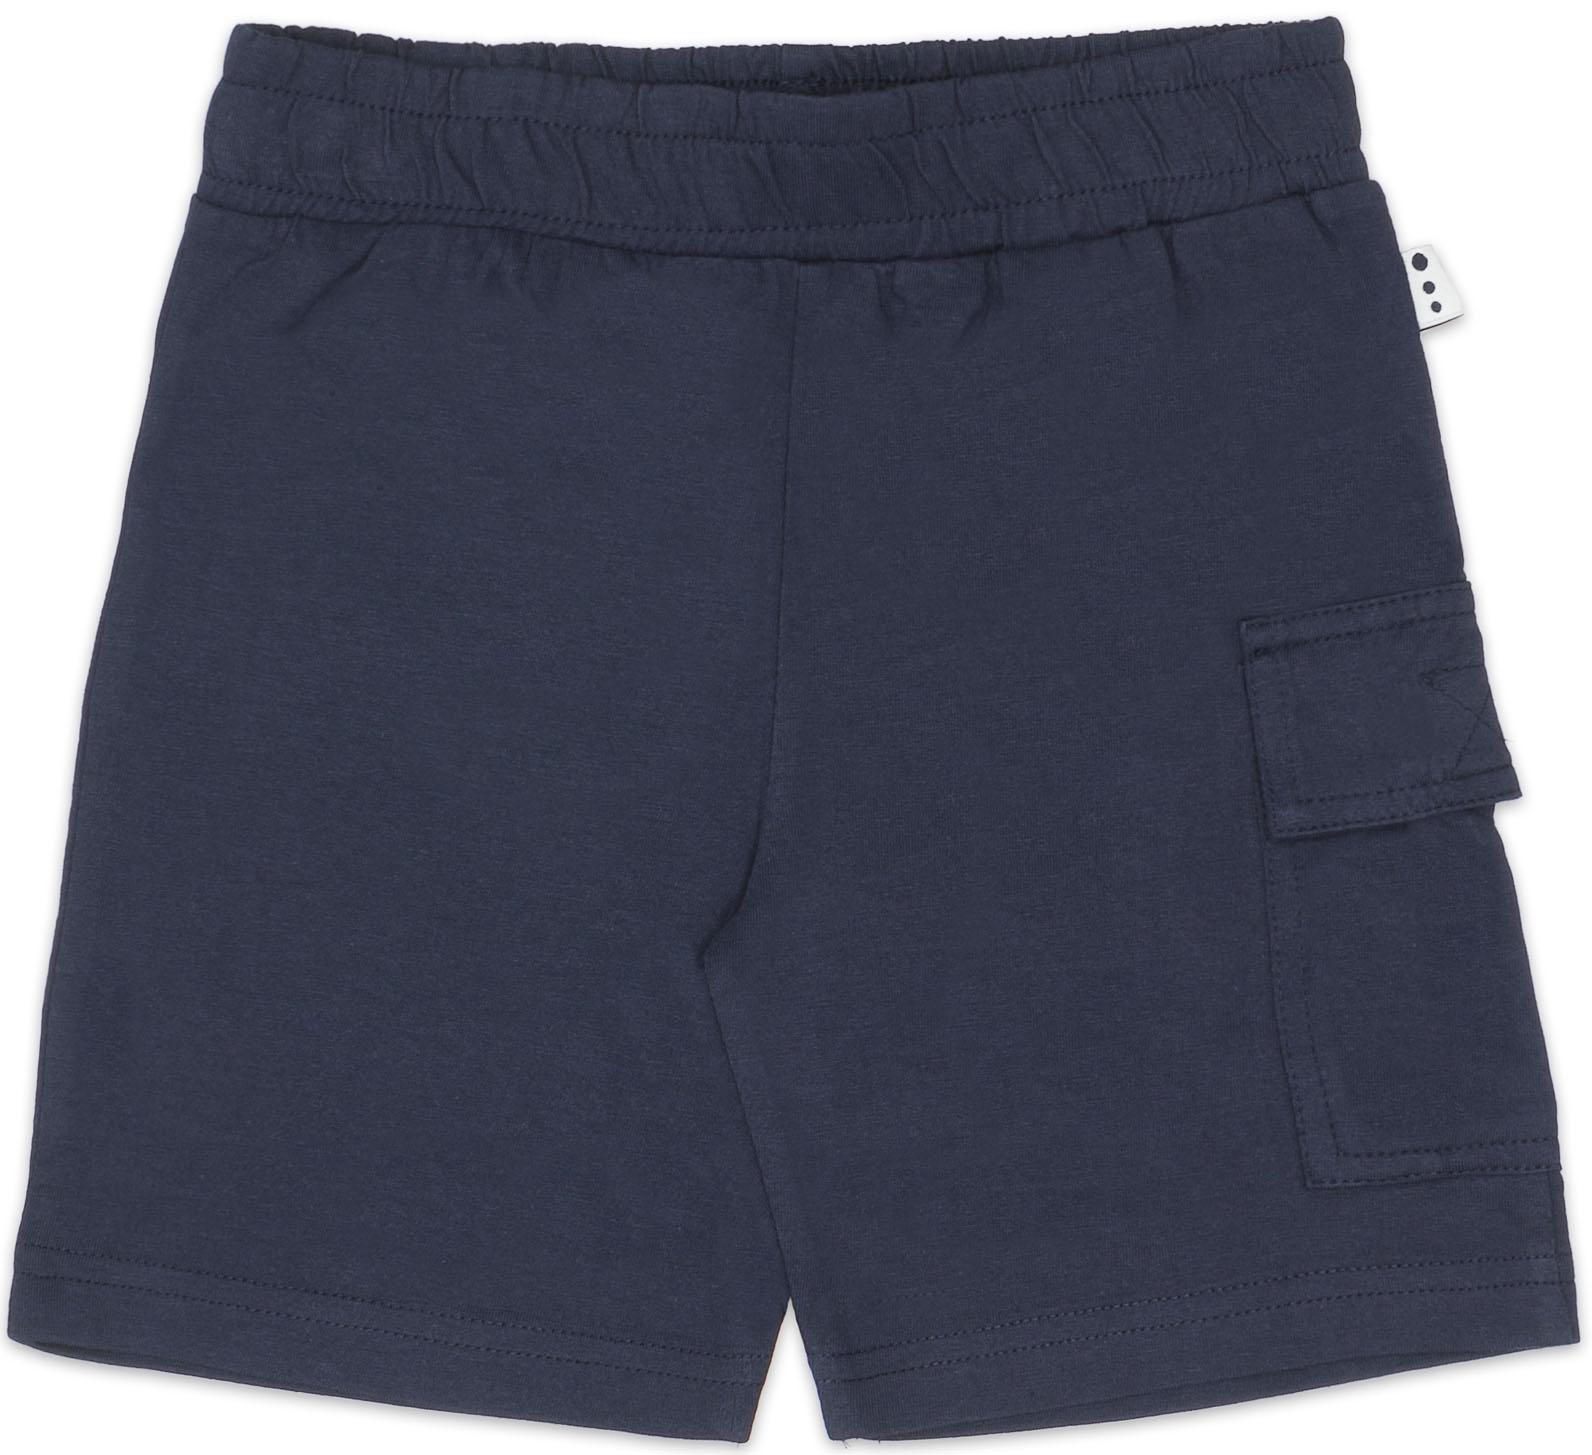 Шорты Barkito Шорты трикотажные для мальчика Barkito, Гооол!, темно-синие шорты barkito шорты джинсовые для мальчика barkito супергерой голубые